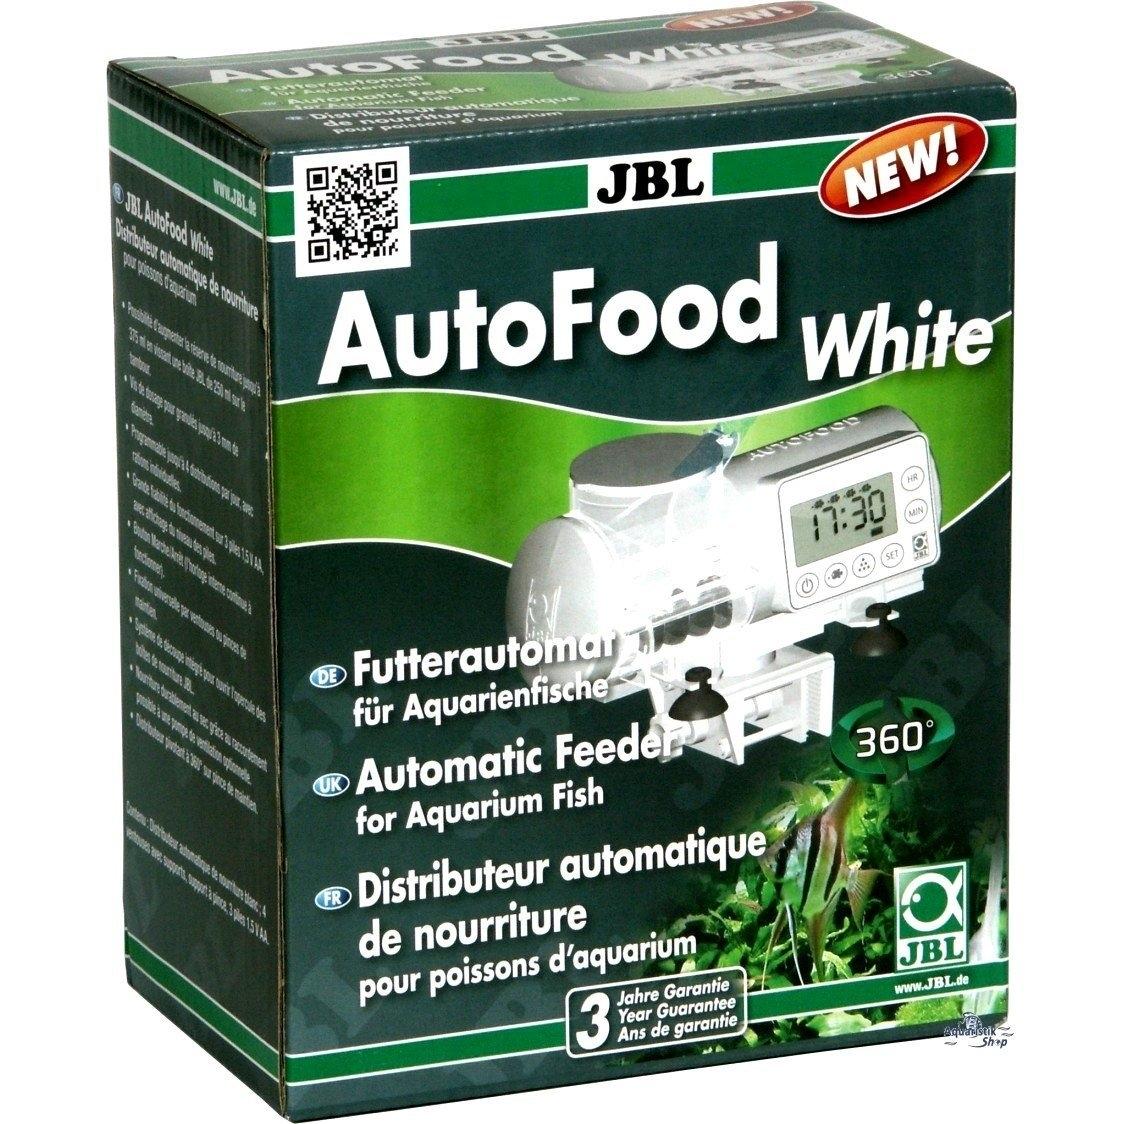 JBL AutoFood - Futterautomat für Aquarienfische, Bild 4